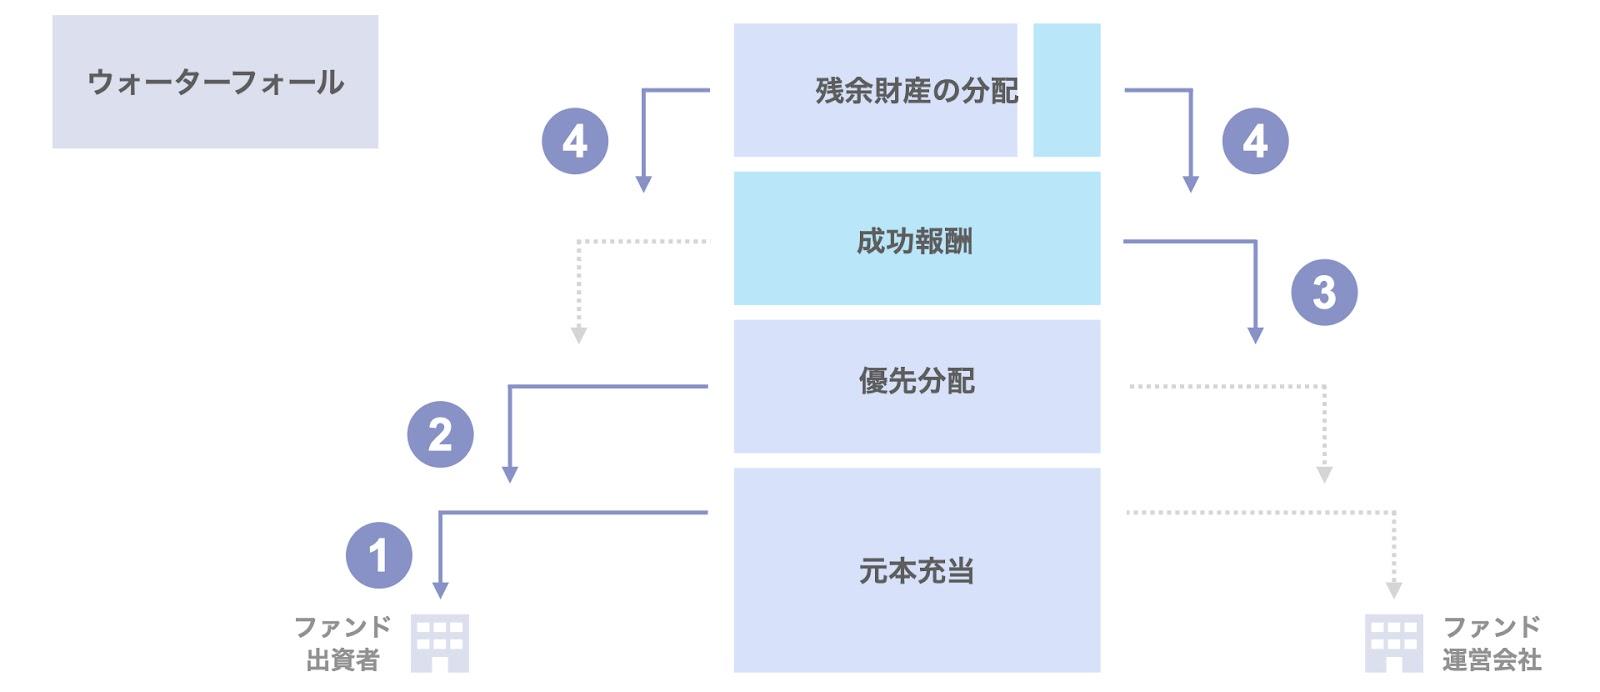 ファンド運営会社の報酬体系:成功報酬の計算方法